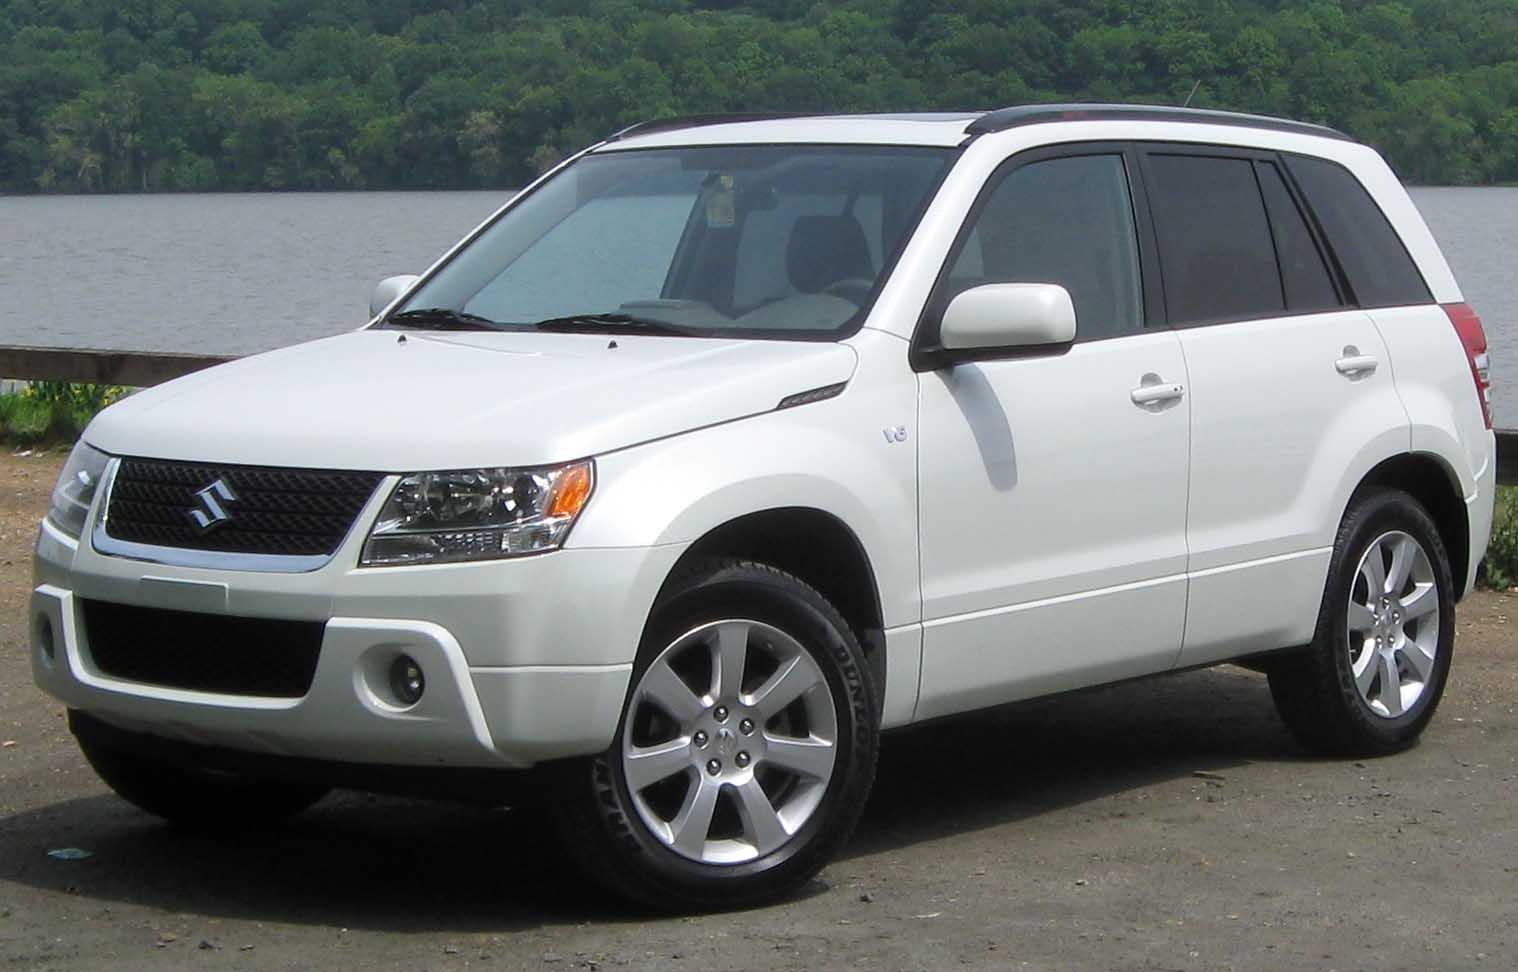 File:2010 Suzuki Grand Vitara Limited 1 -- 05-12-2010.jpg